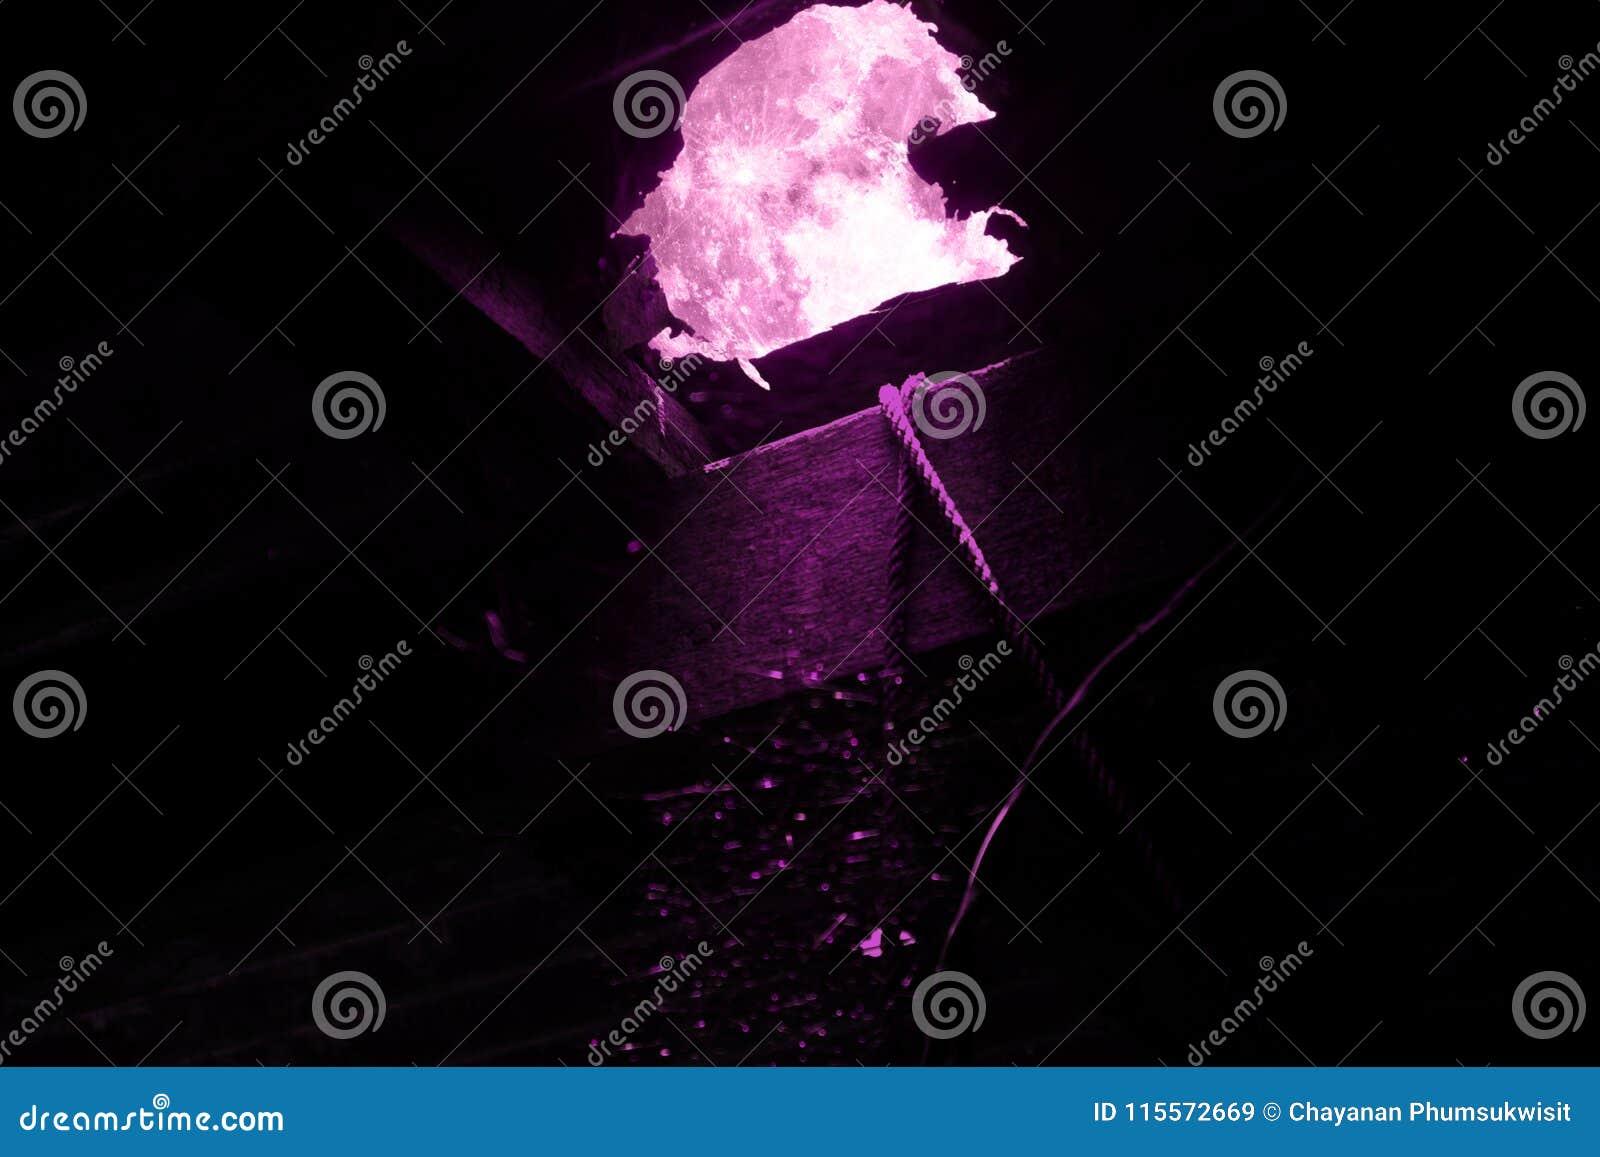 La Pleine Lune Rose Superbe Sur Le Regard De Ciel Nocturne